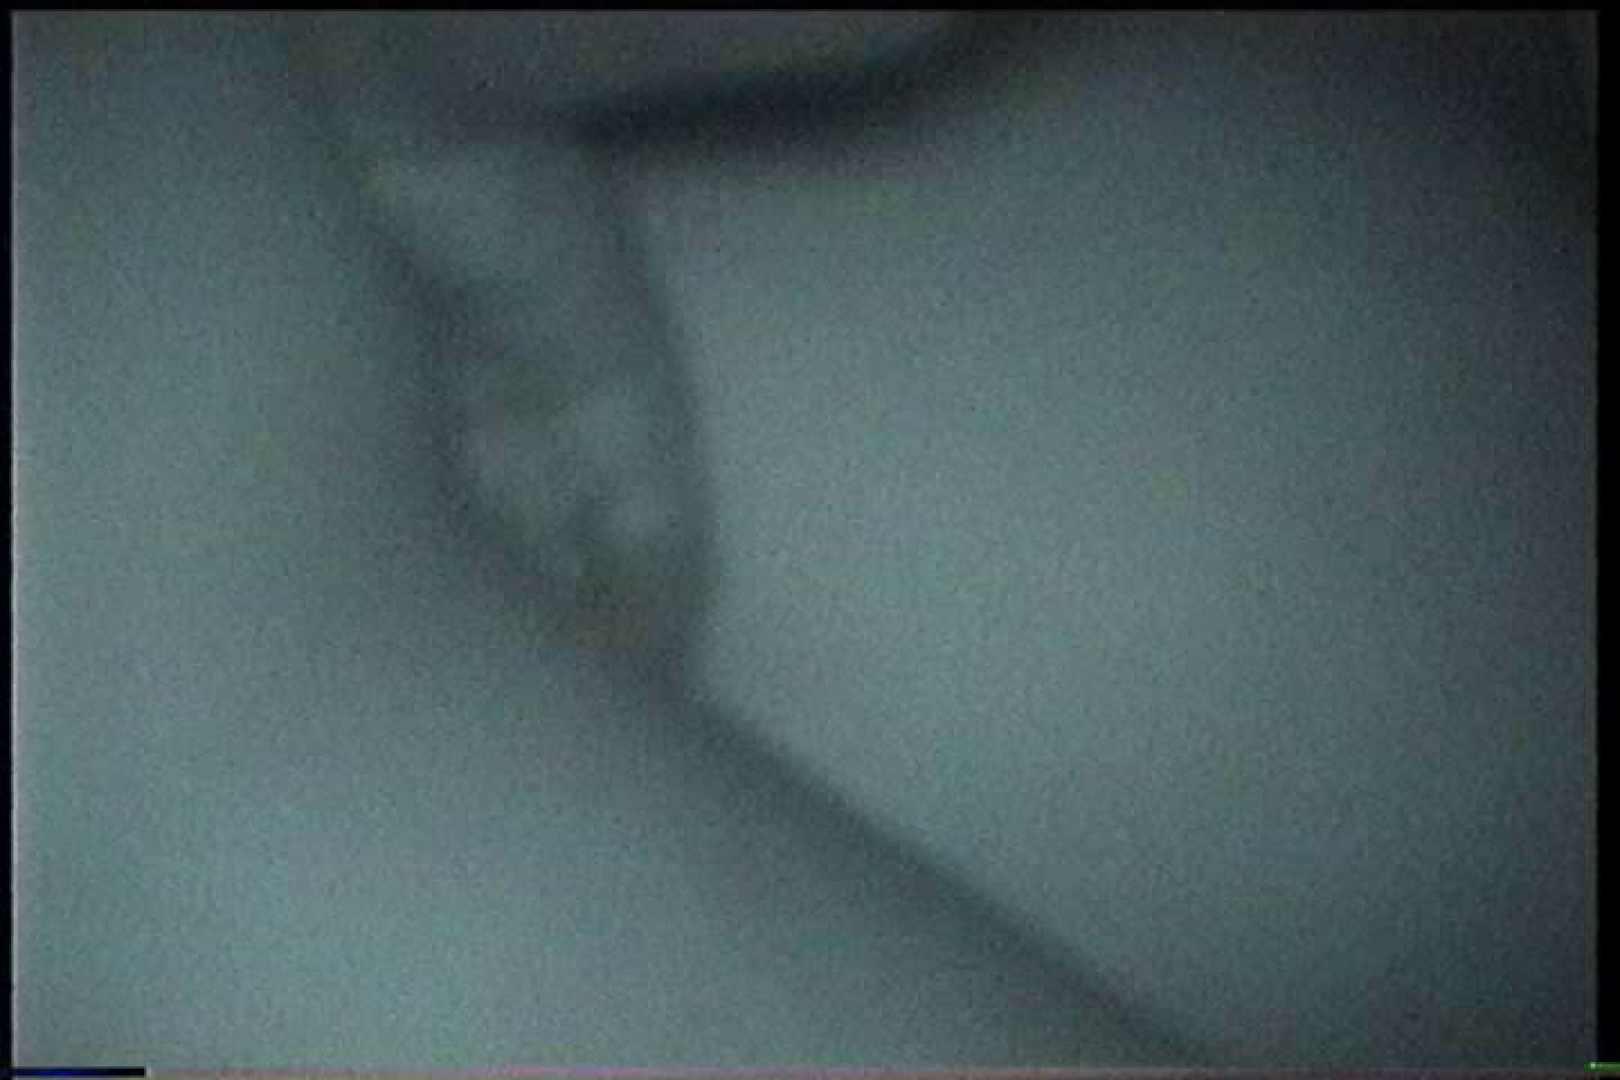 充血監督の深夜の運動会Vol.186 後編 エッチなセックス | エロティックなOL  61画像 34